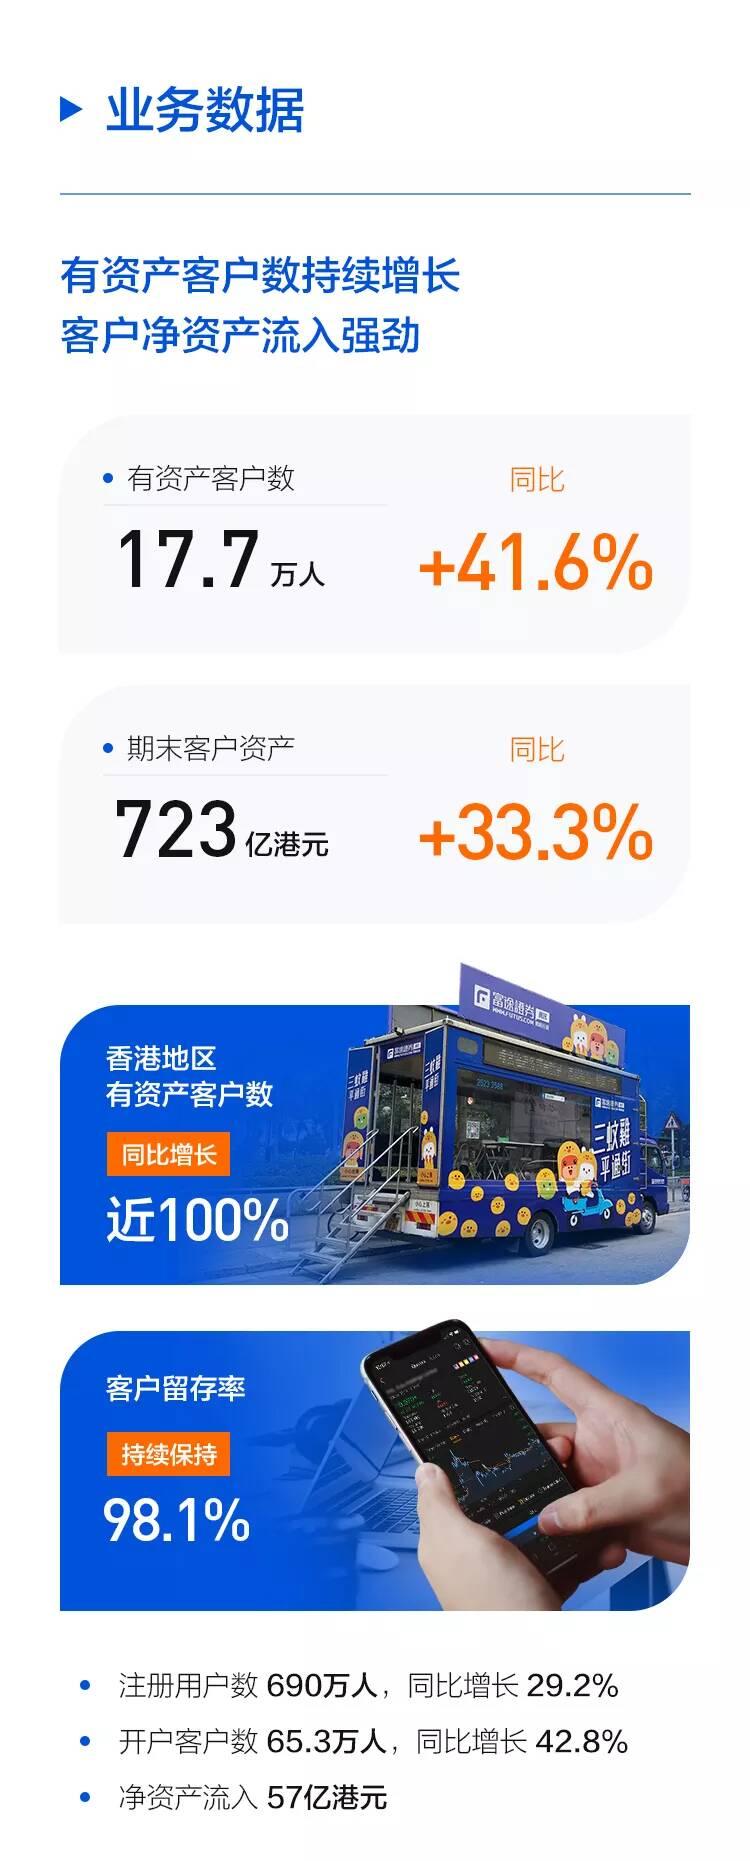 富途控股三季度营收同比增长12.8% 财富管理资产规模超30亿